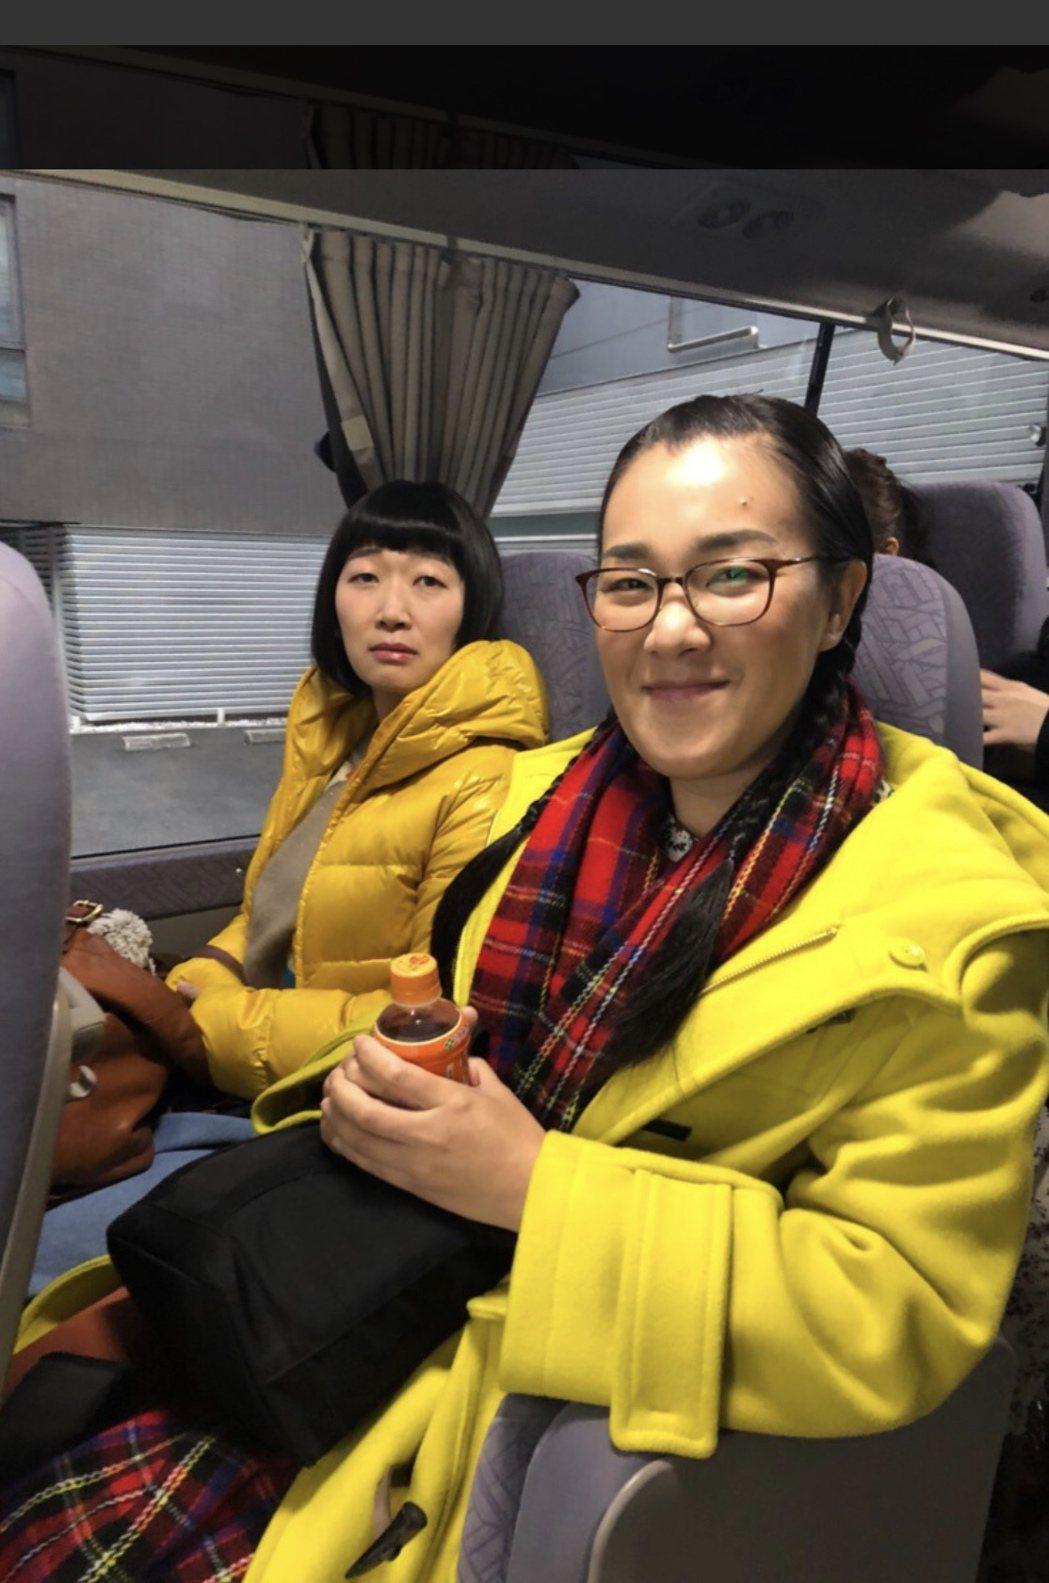 白鳥久美子(右)與川村惠美子組成的「蒲公英」在日本擁有頗高人氣。圖/摘自部落格